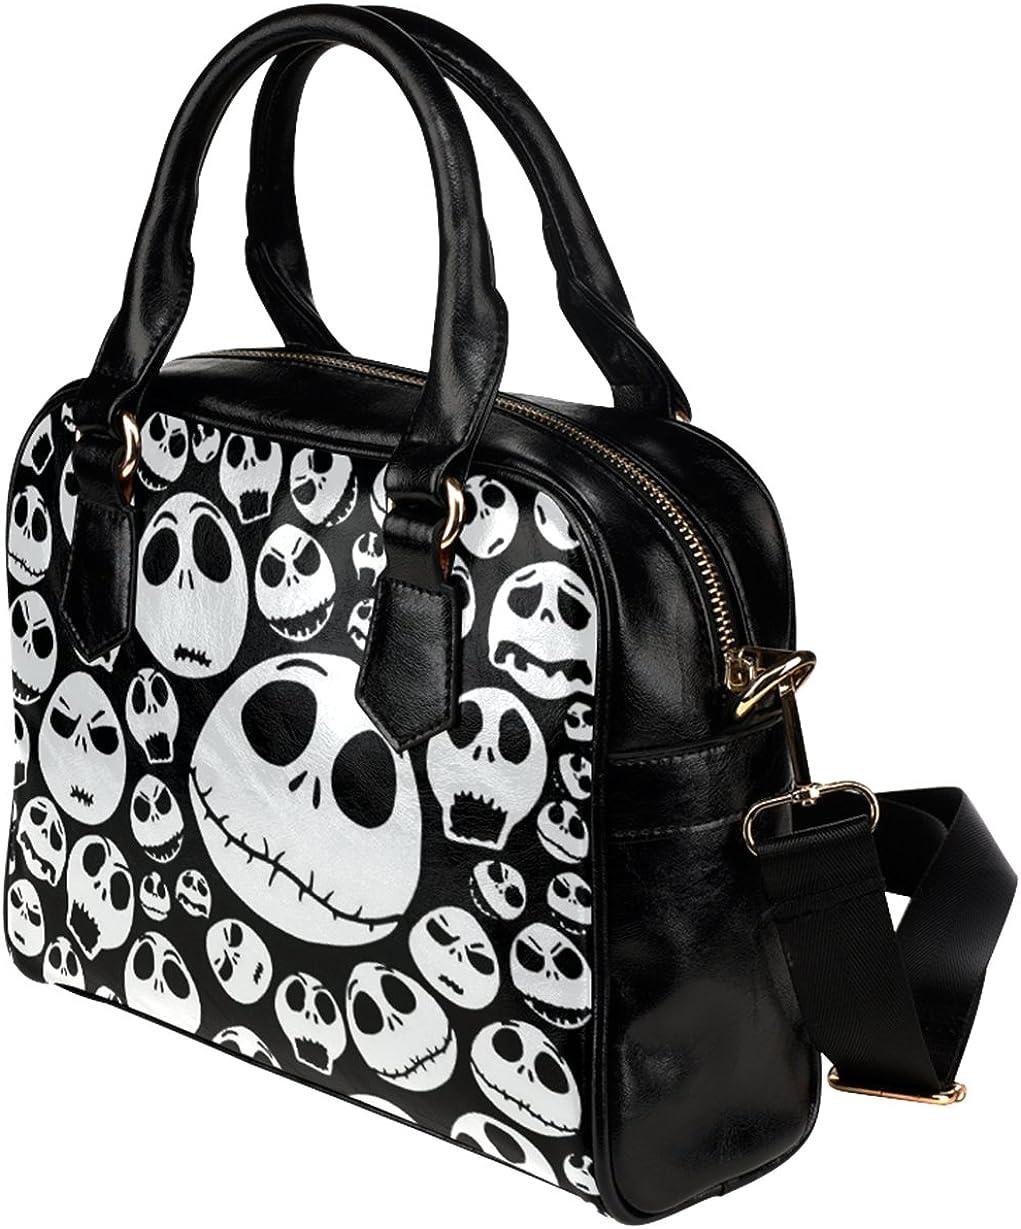 Special Design Female Shoulder Handbag Crossbody Shell Shape Tote